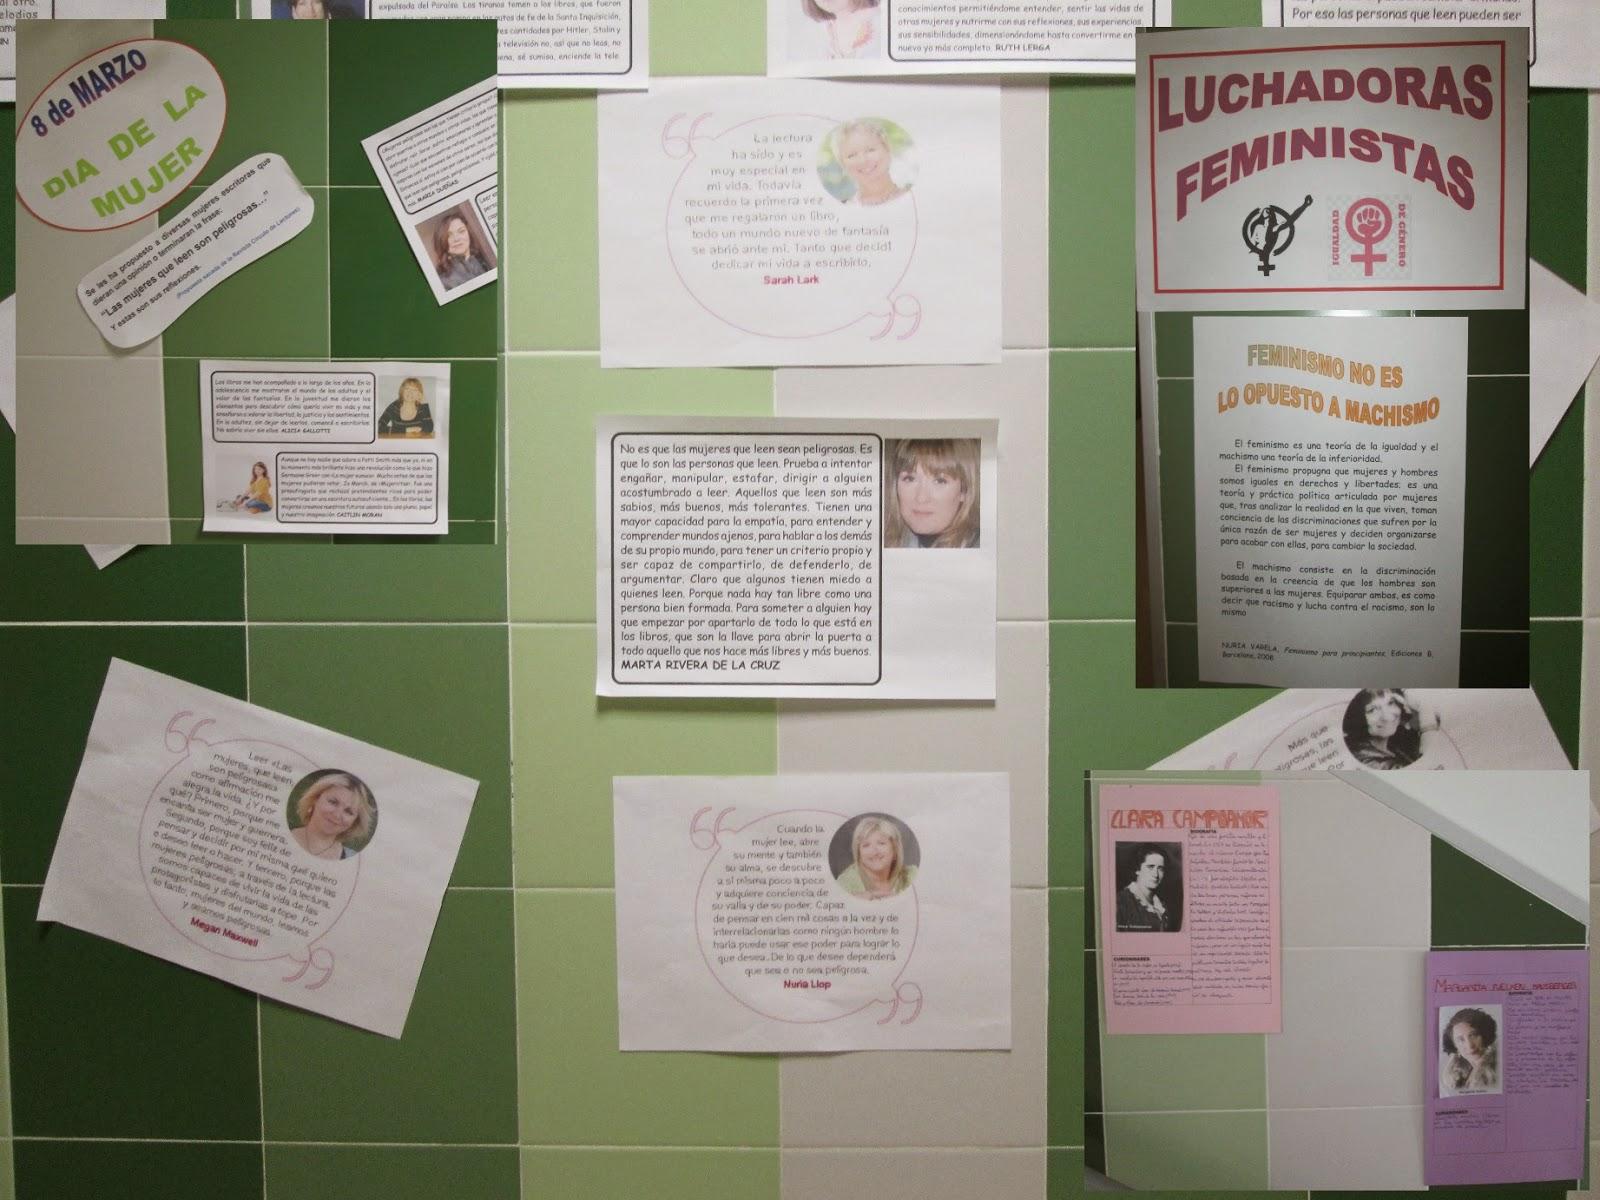 http://www.circulo.es/libros/informacion/022014/las-autoras-toman-la-palabra